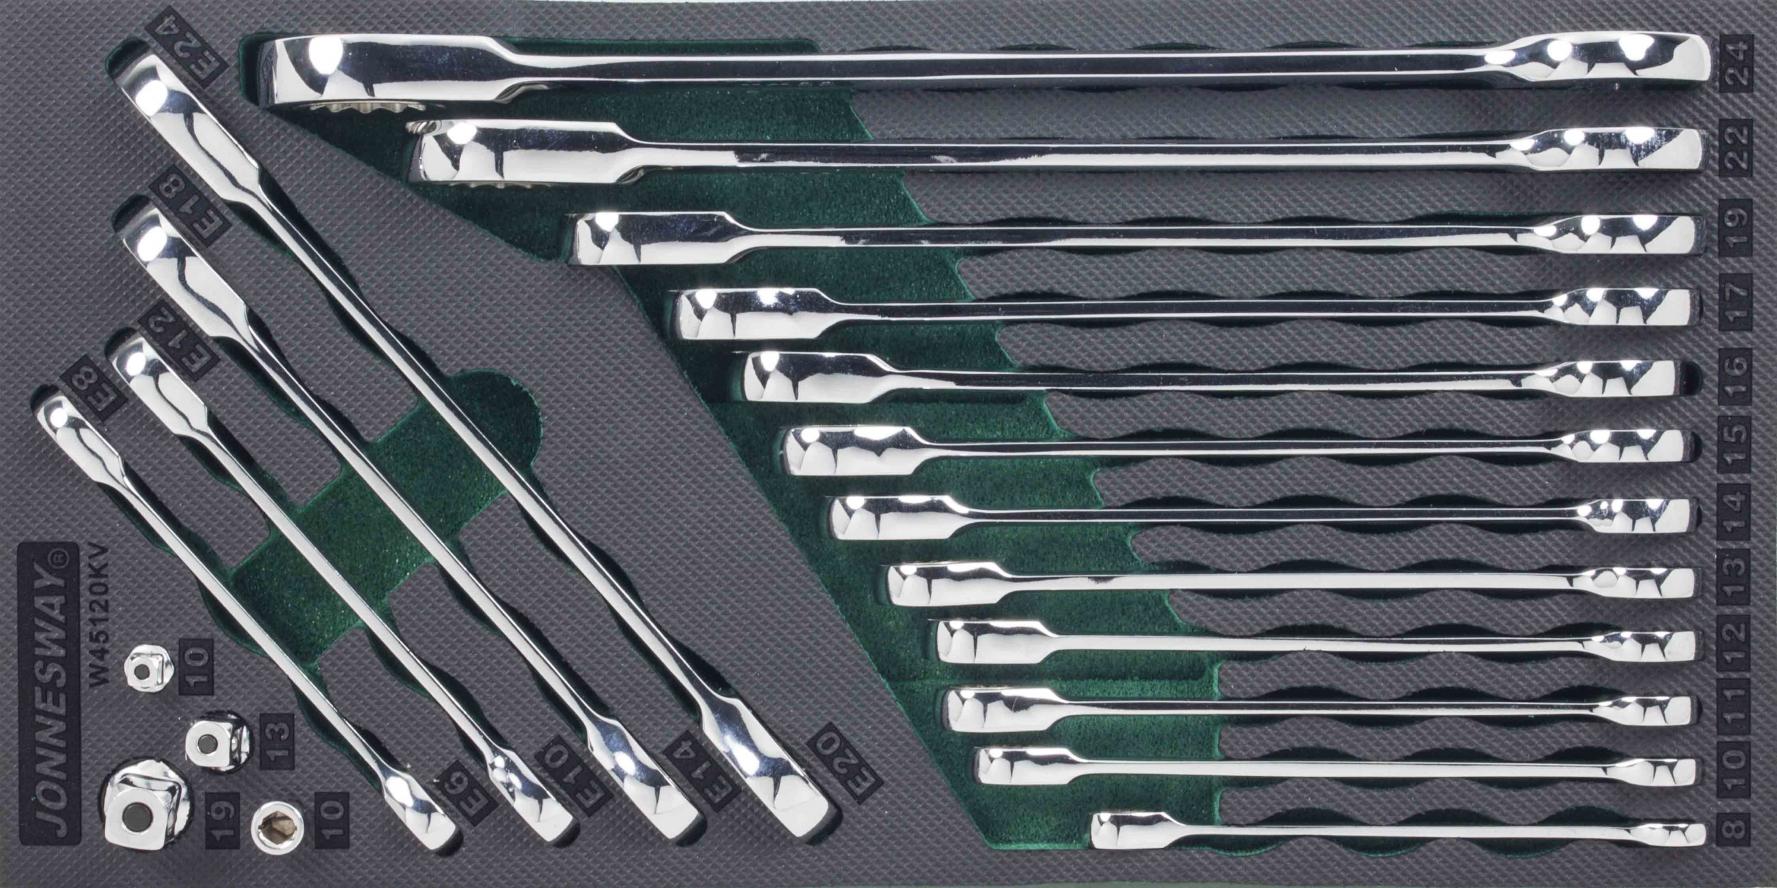 Modul pěnový - ráčnové klíče očkoploché a TORX-E, s adaptéry, 20 ks - JONNESWAY W45120KV